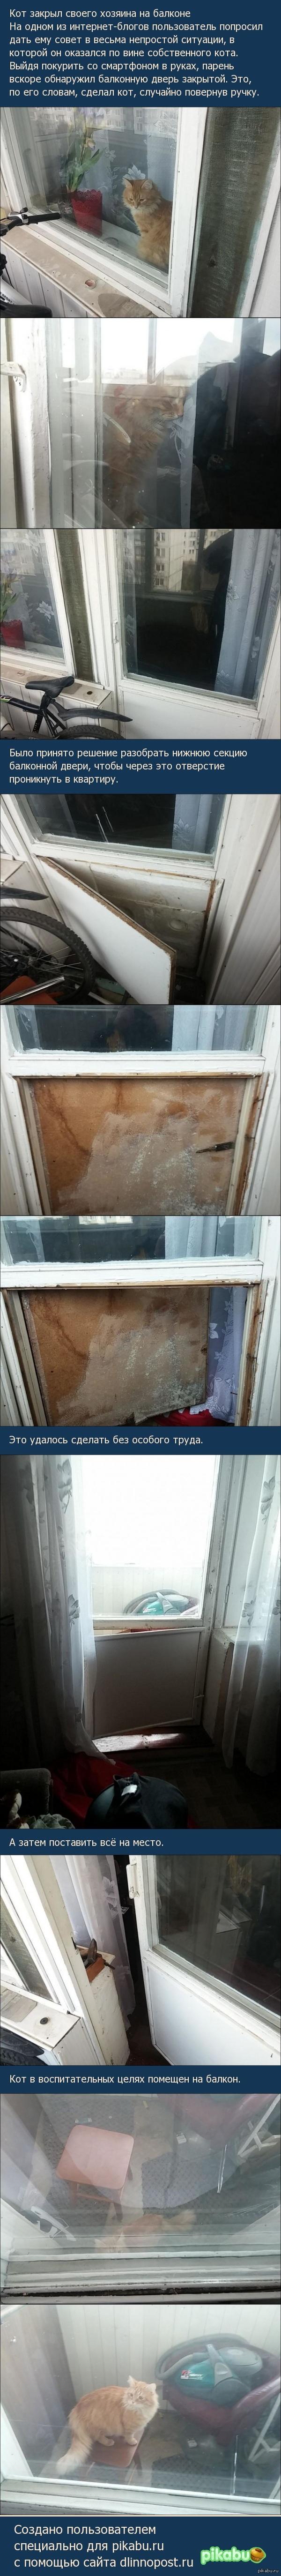 Кот закрыл своего хозяина на балконе